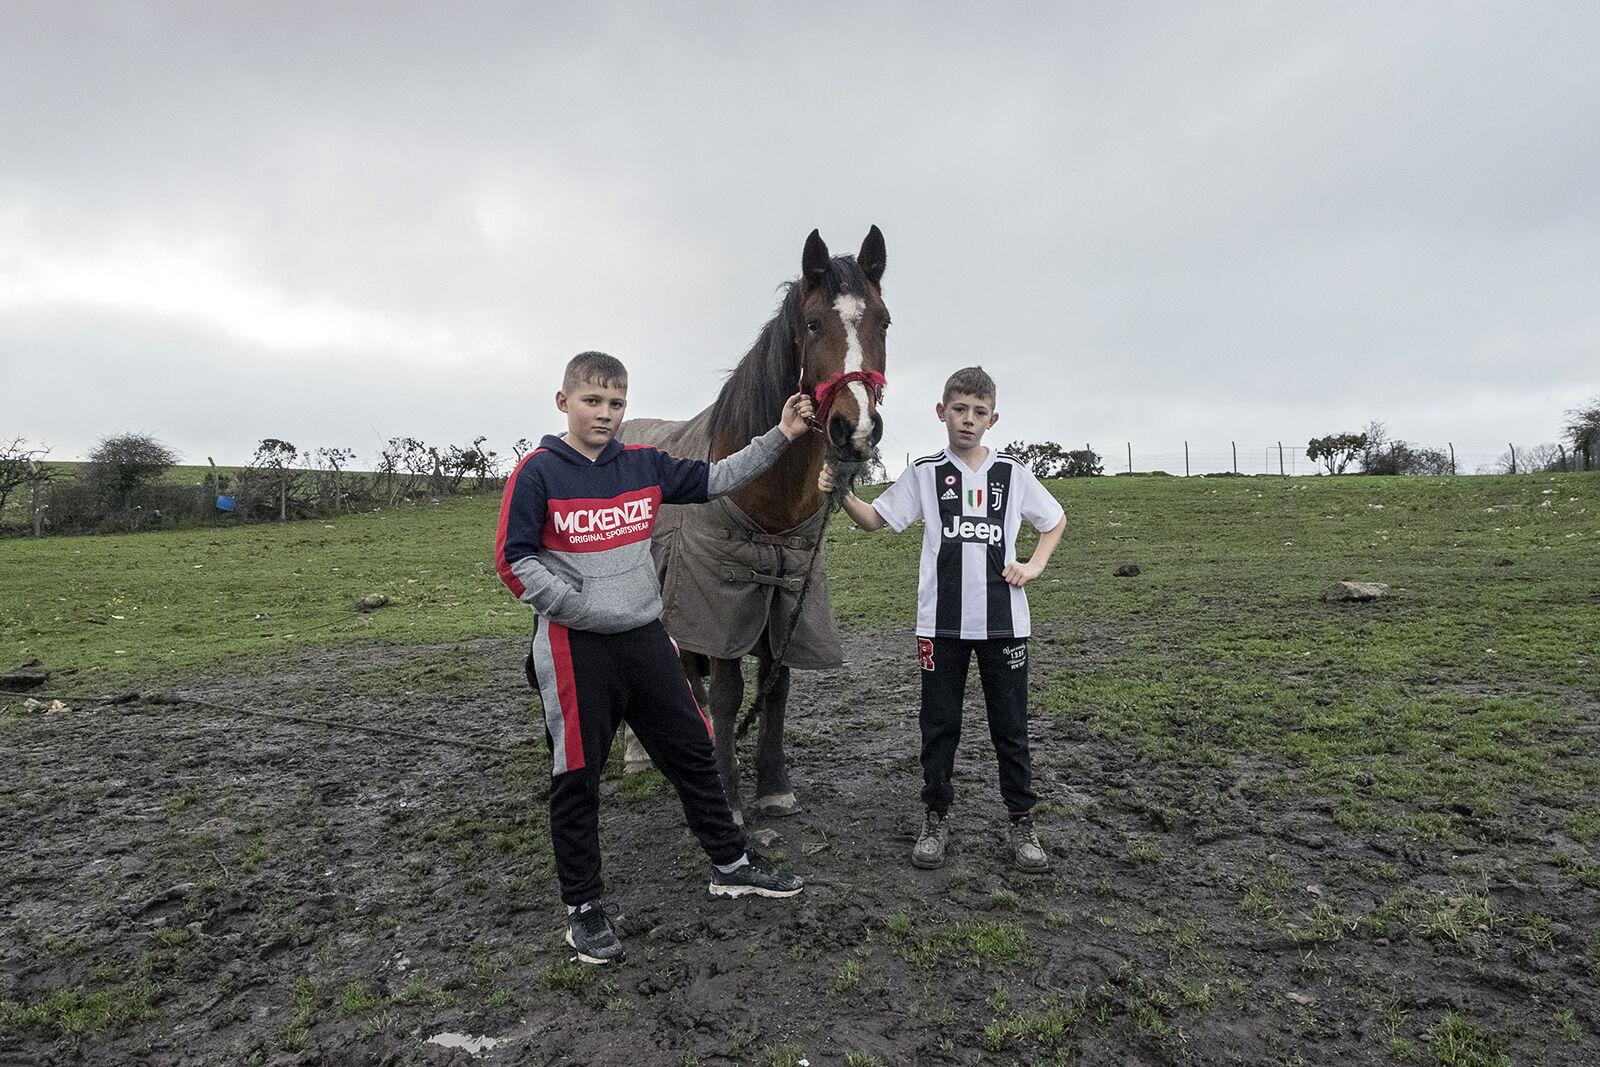 Shane and Luke, Tipperary, Ireland 2019